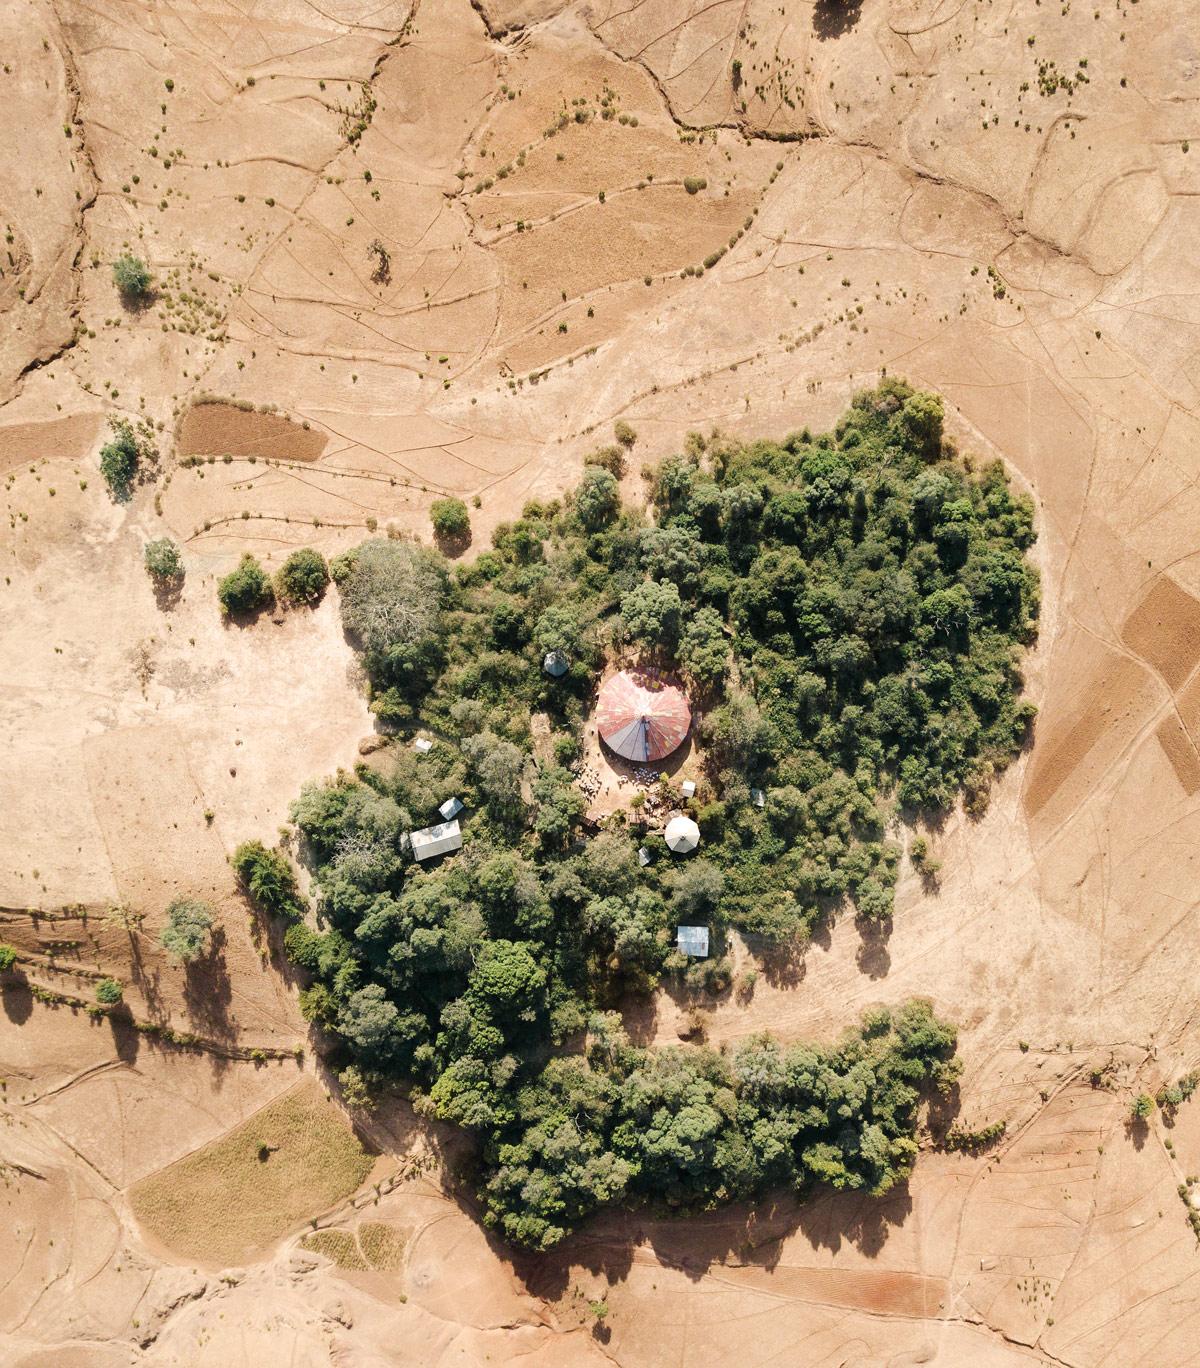 Ethiopias-forest